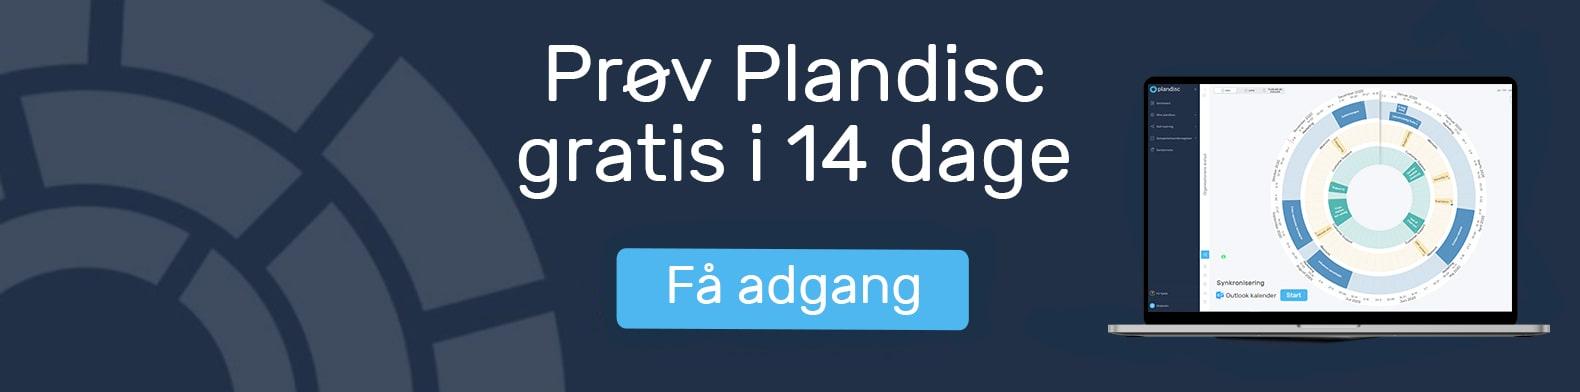 Prov-plandisc-gratis-i-14-dage. det digitale årshjul. Alternativ til excel årshjul